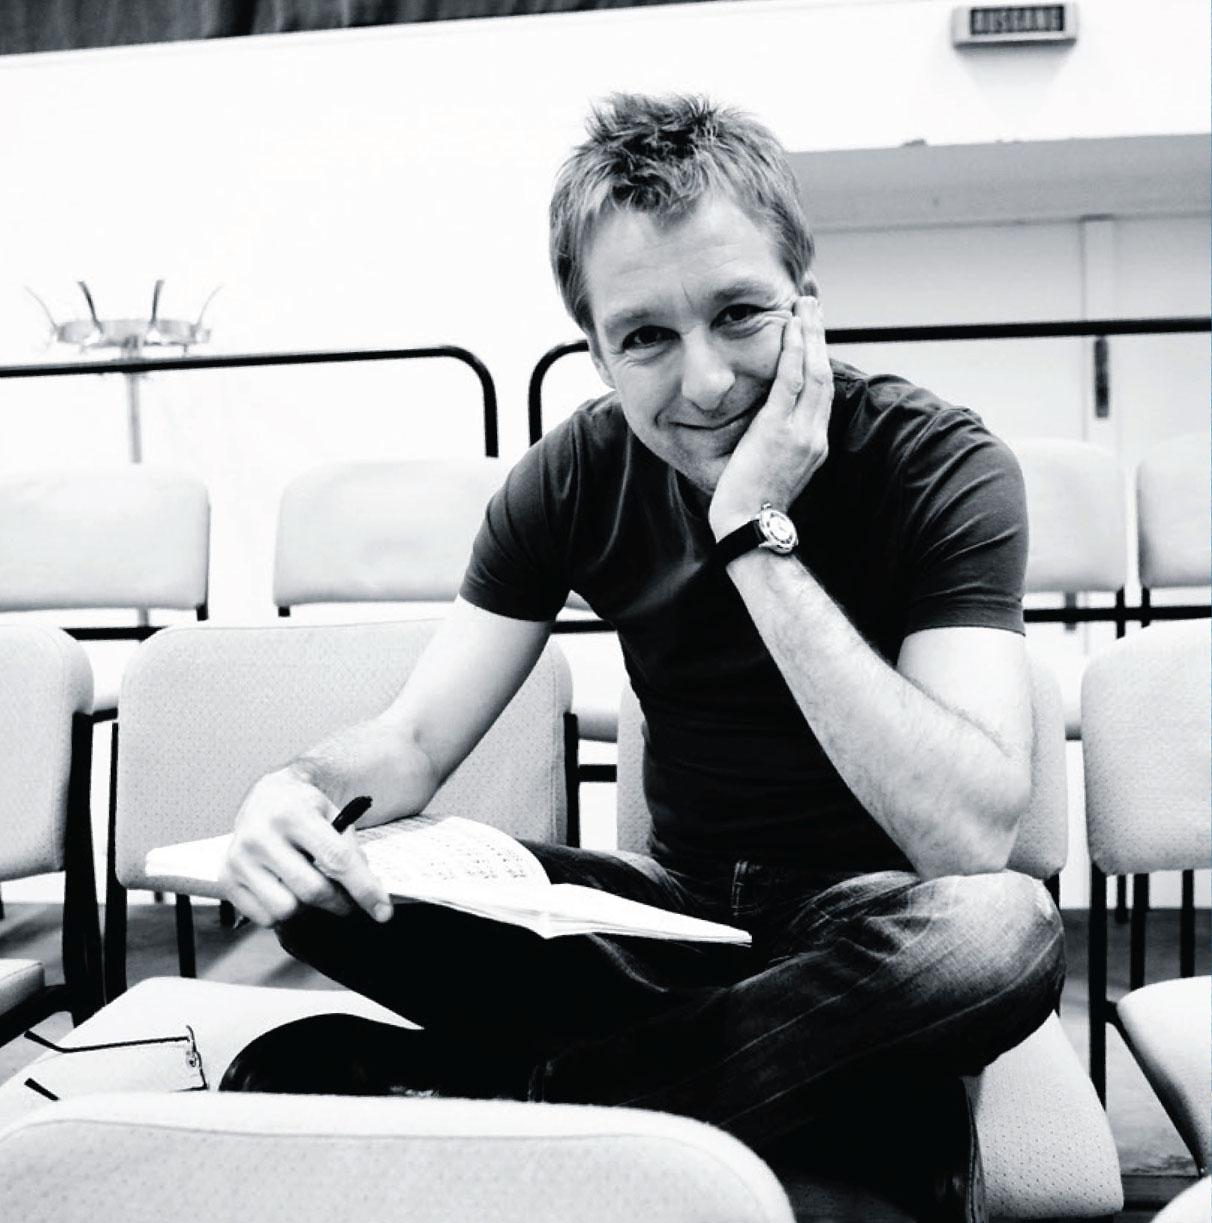 Schauspieler Max Müller beschäftigt sich mit dem Phänomen Mozart